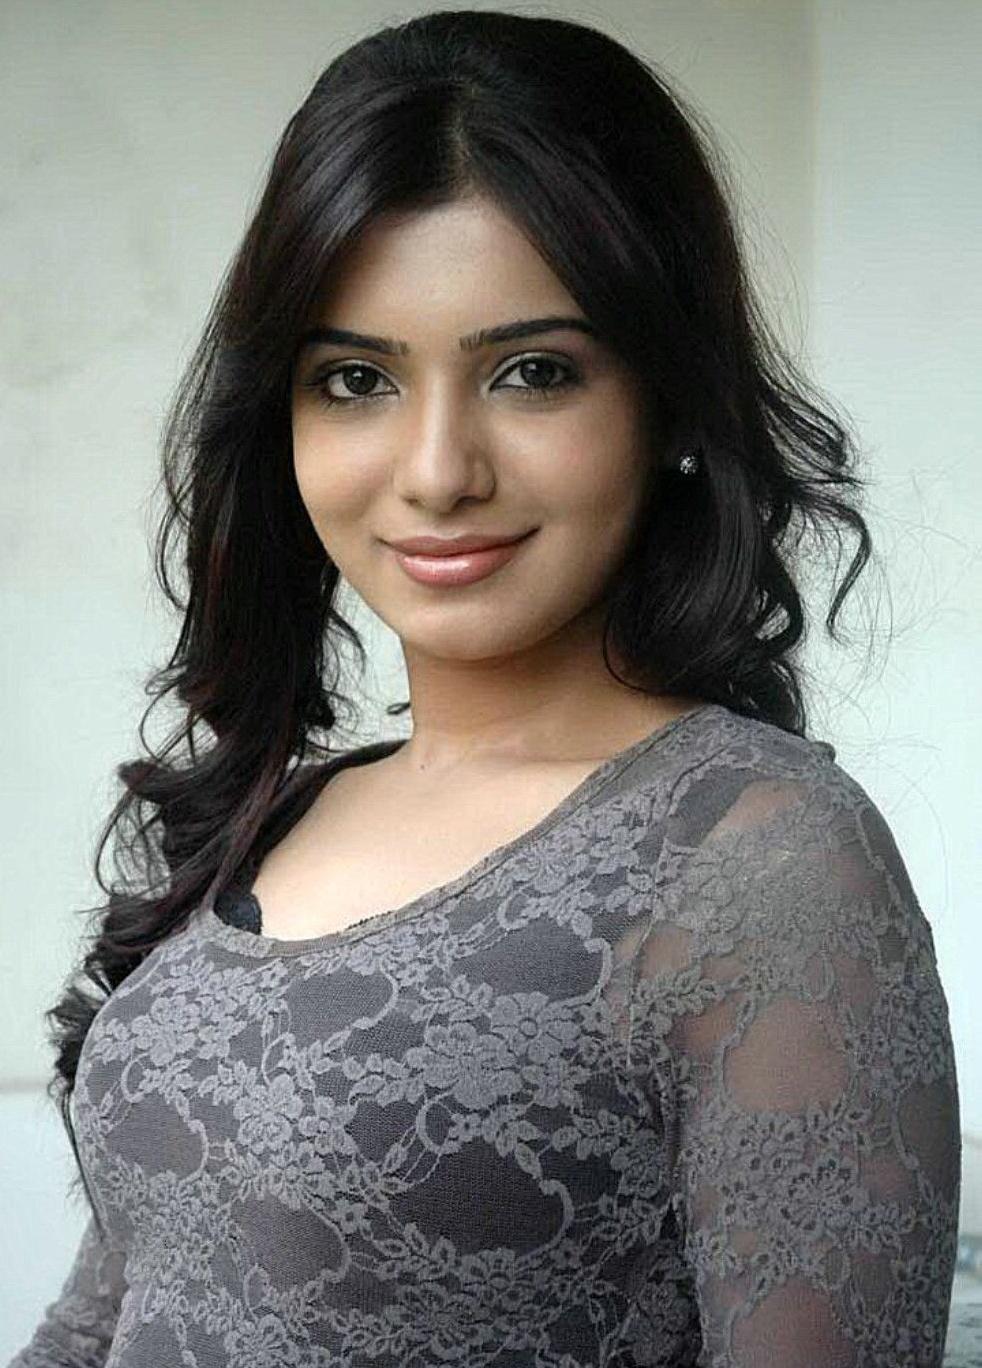 Porn Star Actress Hot Photos For You South Indian Actress -2378